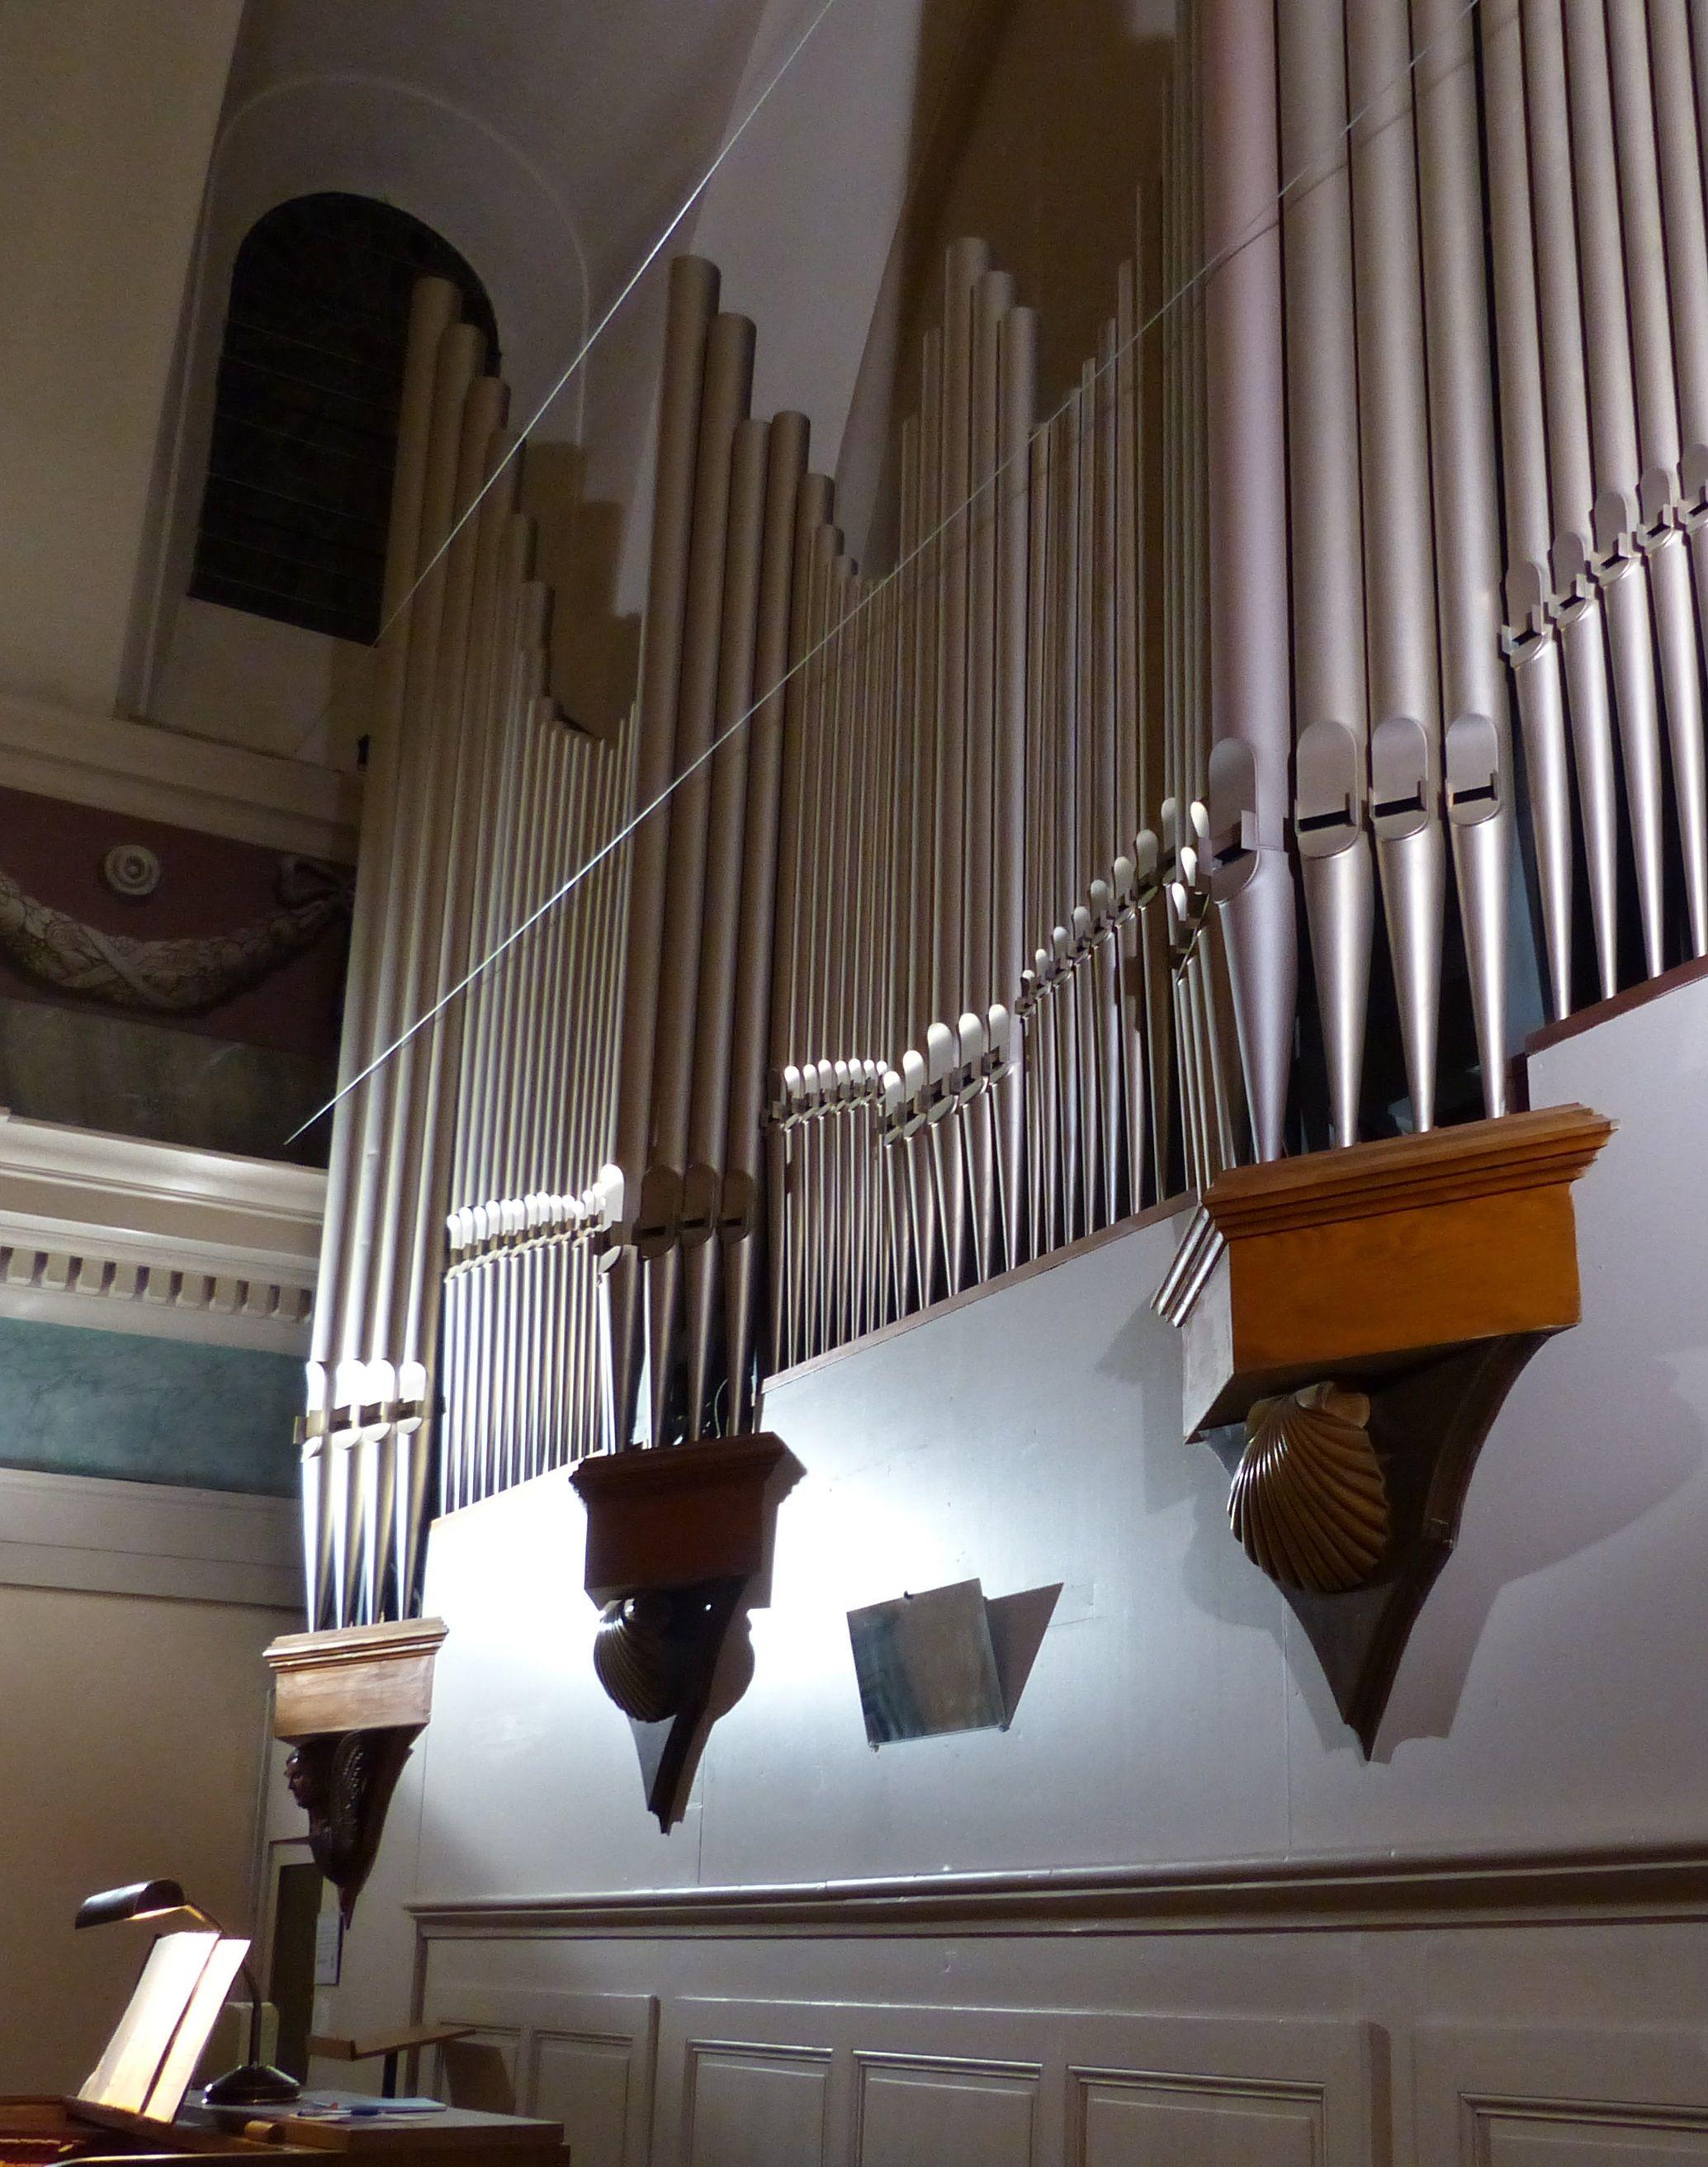 Orgue de l'église Saint-Jean-Baptiste de Taninges en Haute-Savoie